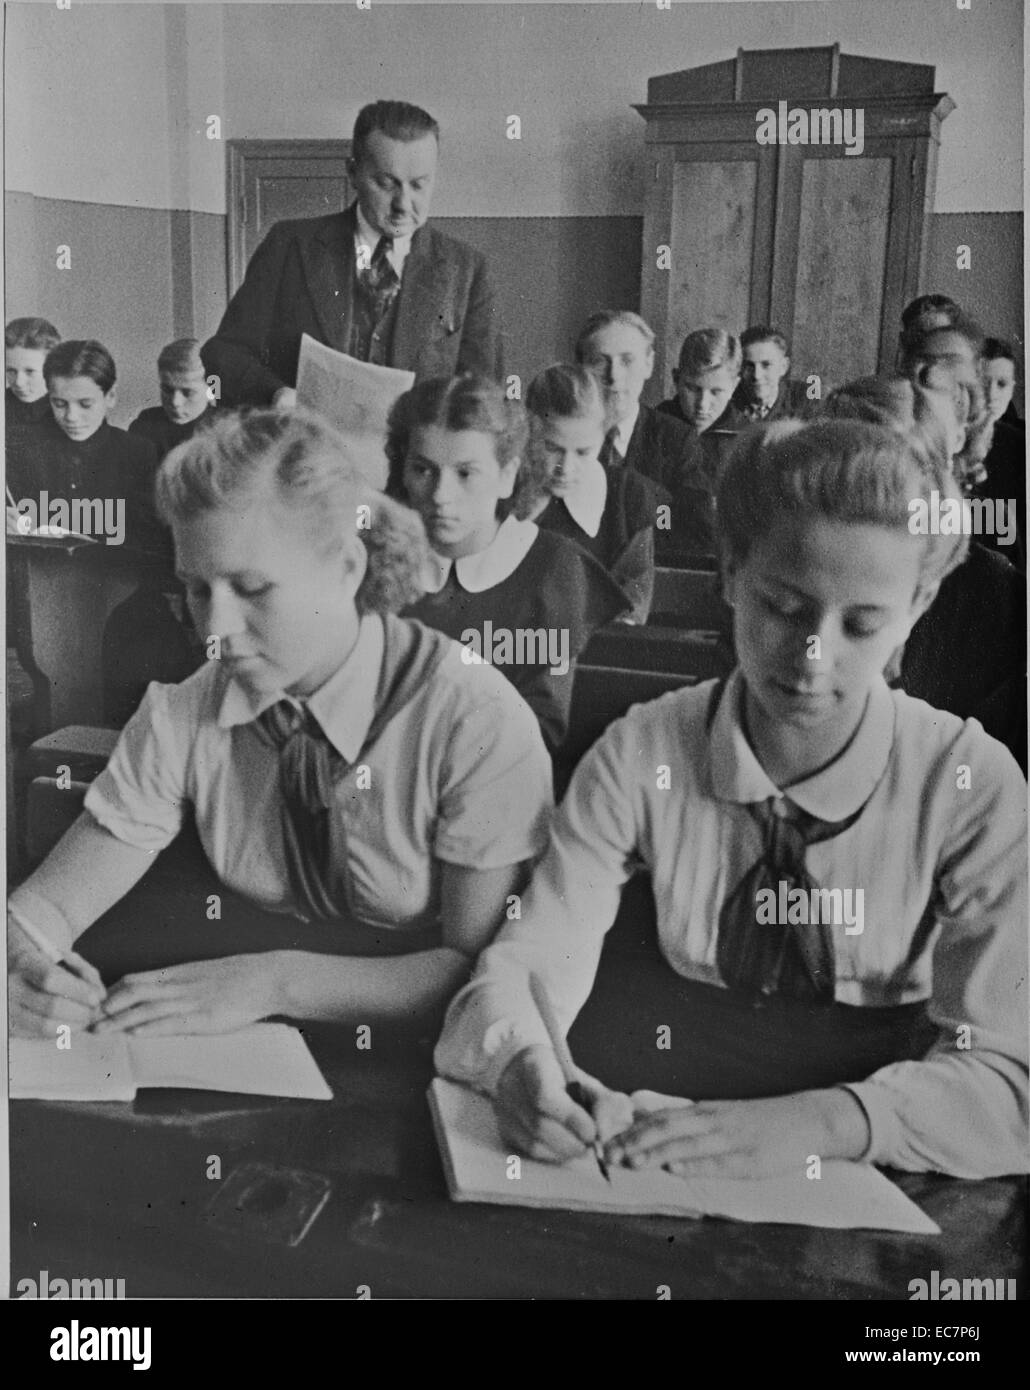 Sixth grade school room in the Latvian USSR (Union of Soviet Socialist Republics) - Stock Image